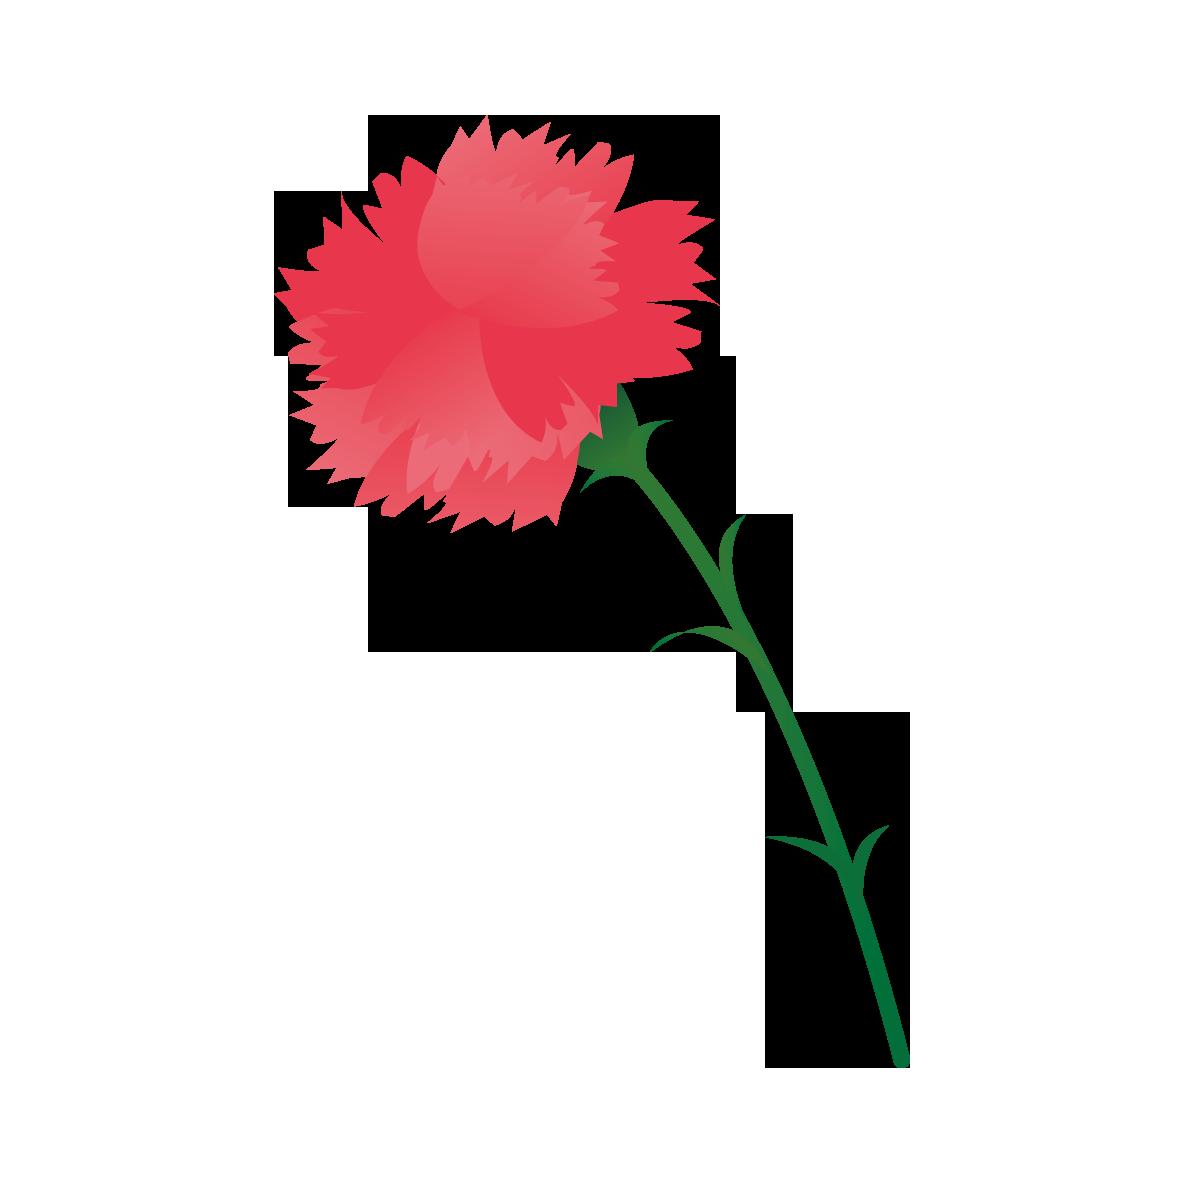 1輪のカーネーション 花 イラスト 藤の花 イラスト イラスト